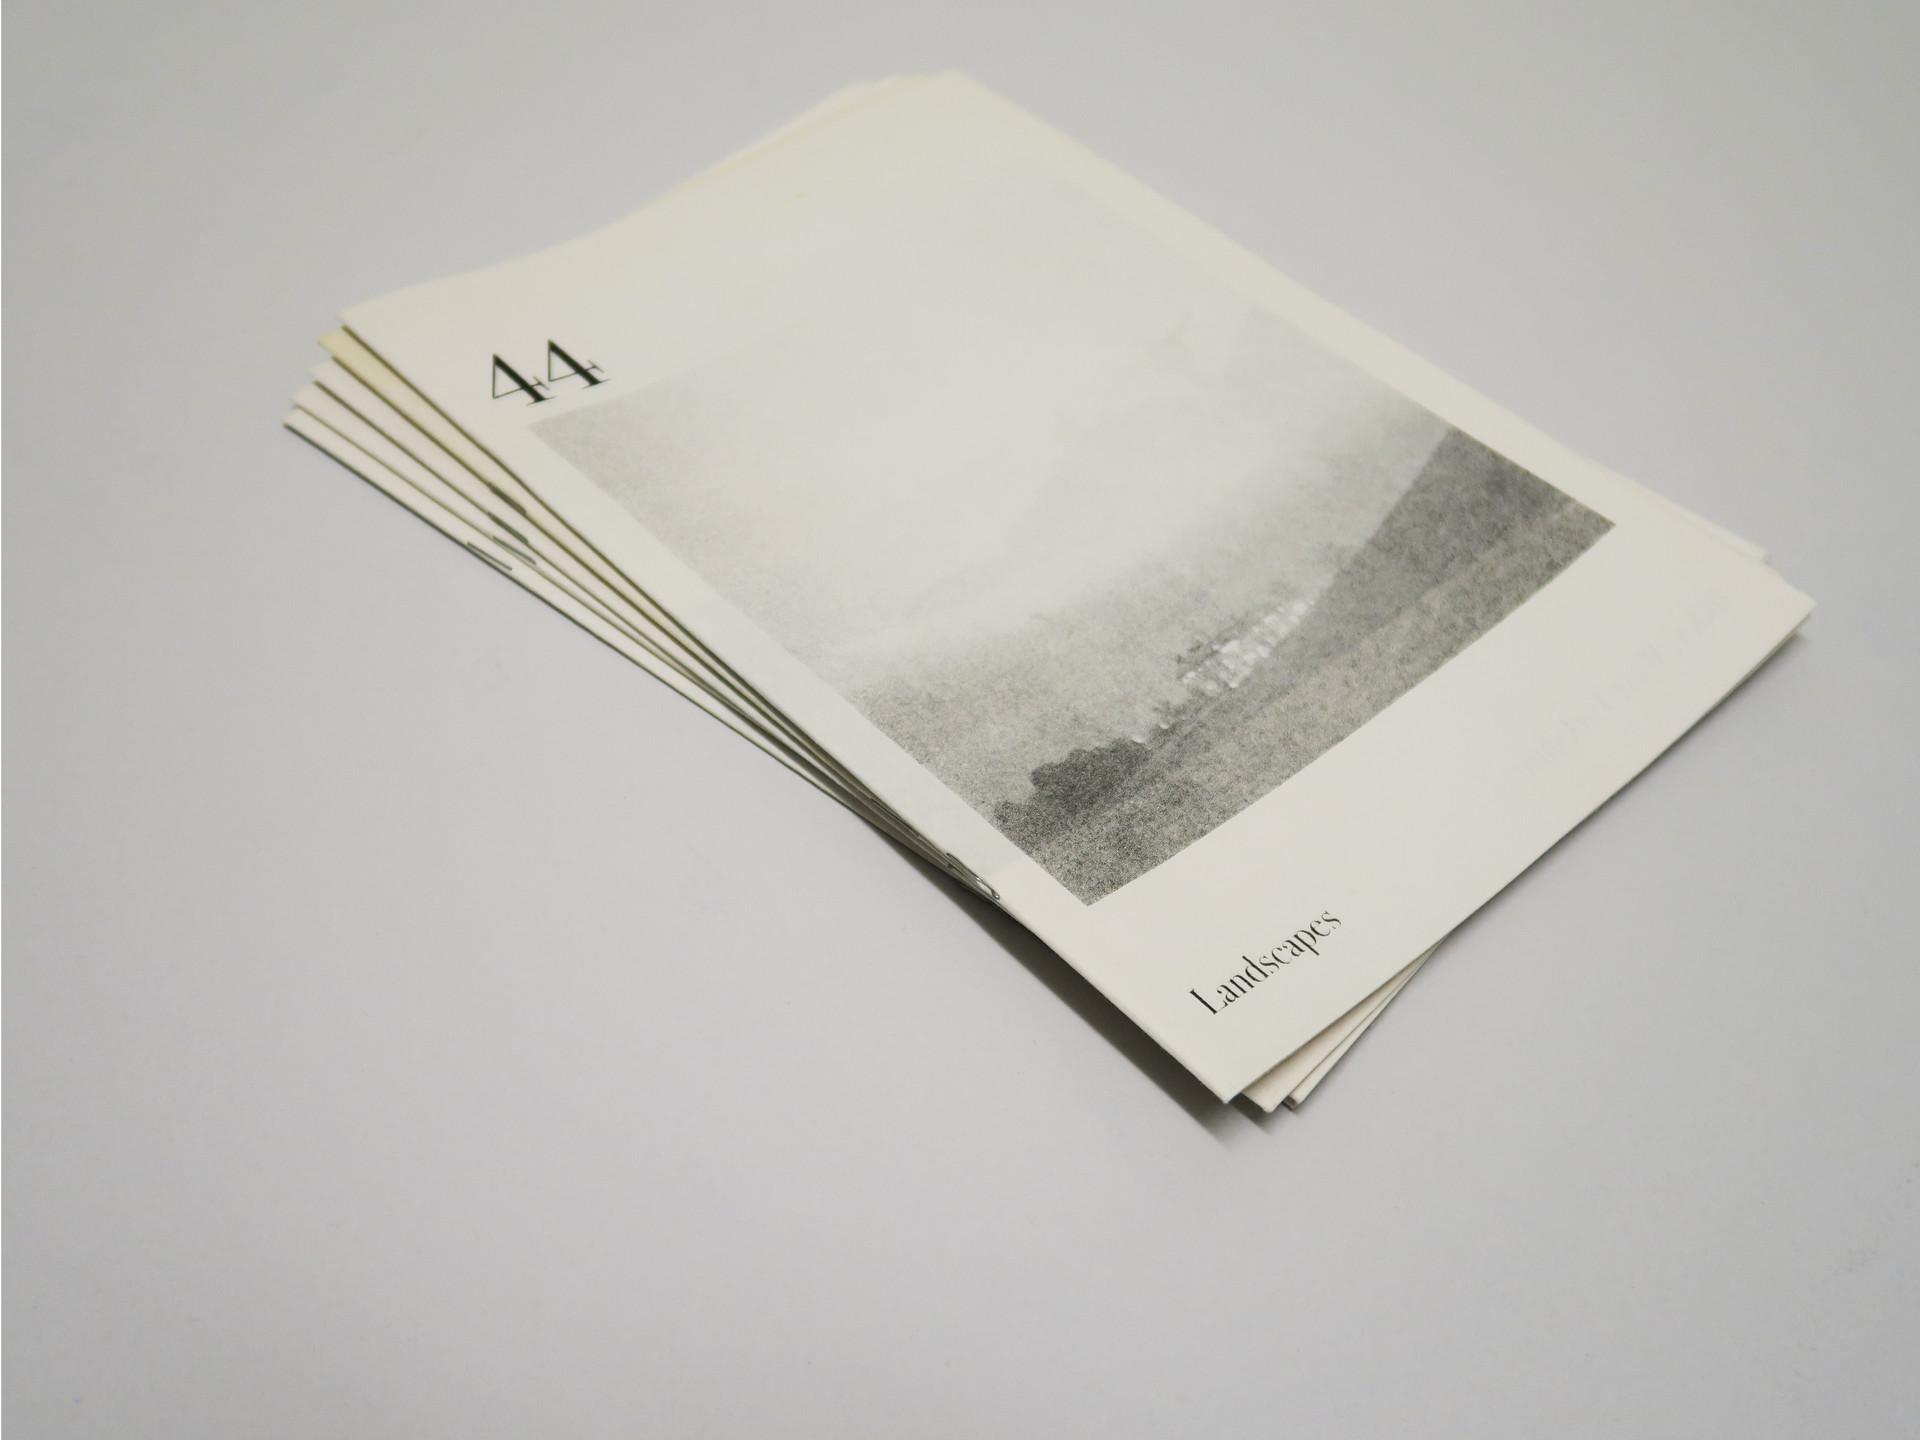 44 Landscapes